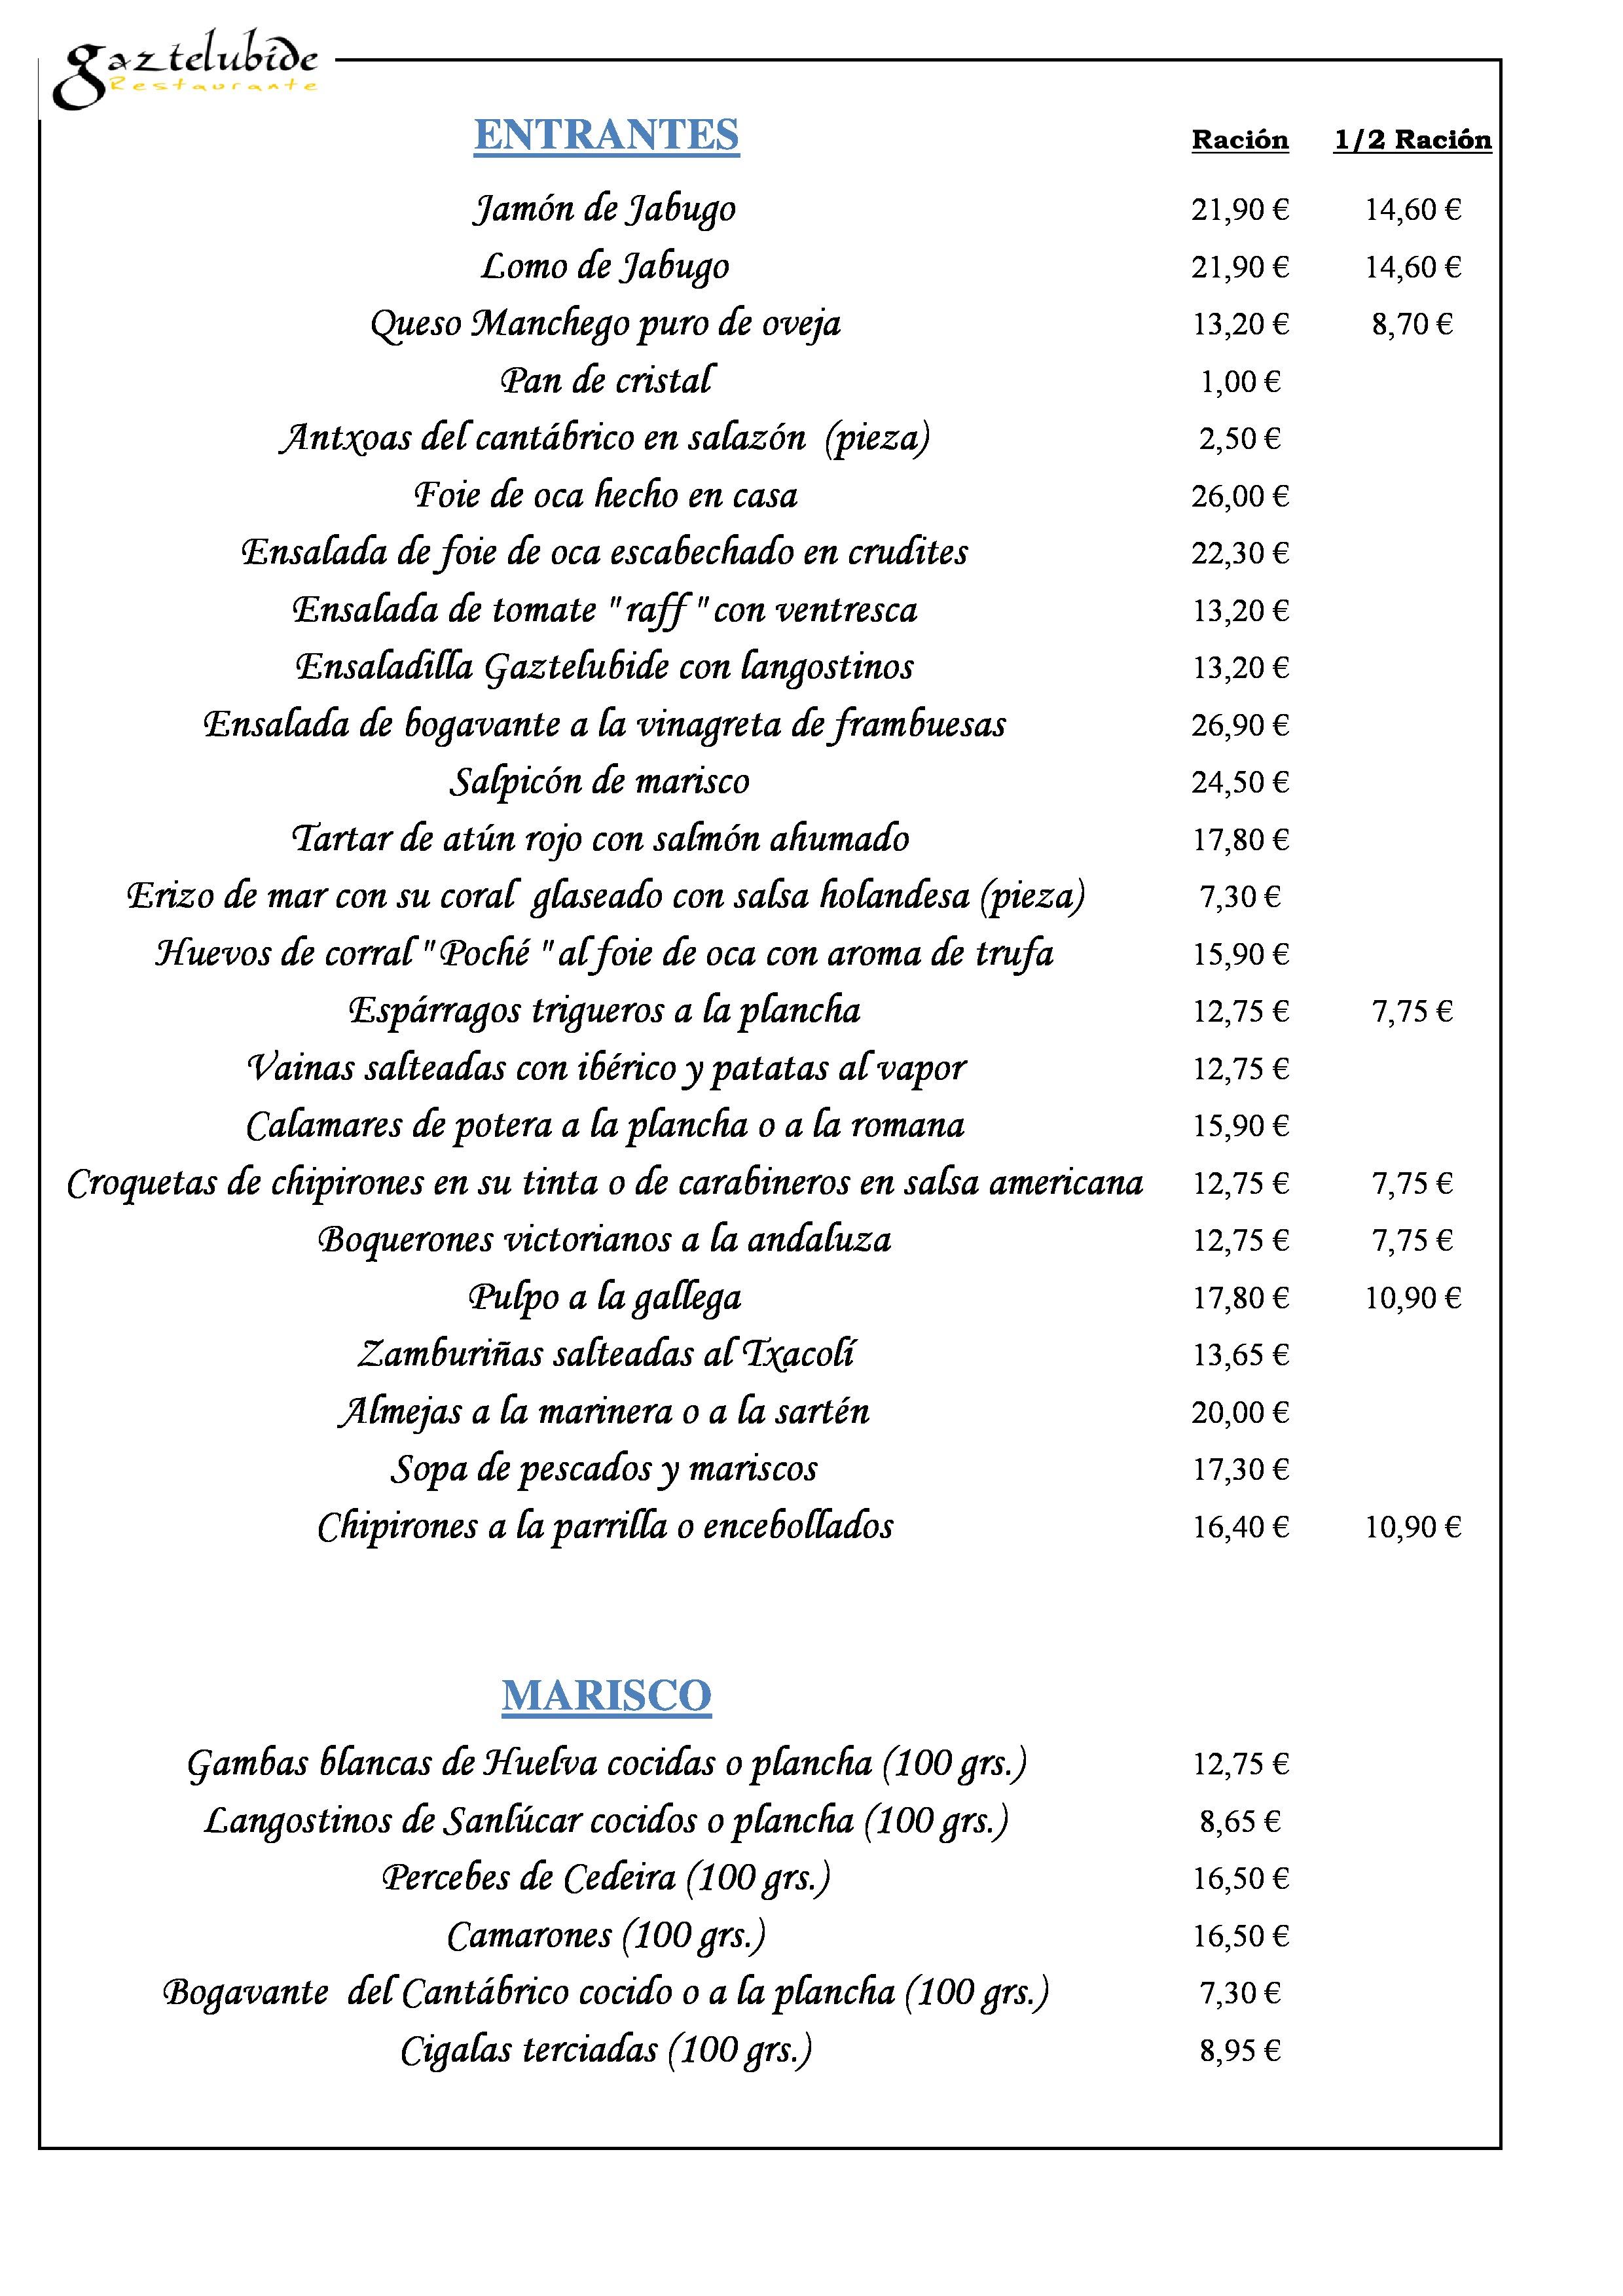 Gaztelubide Carta